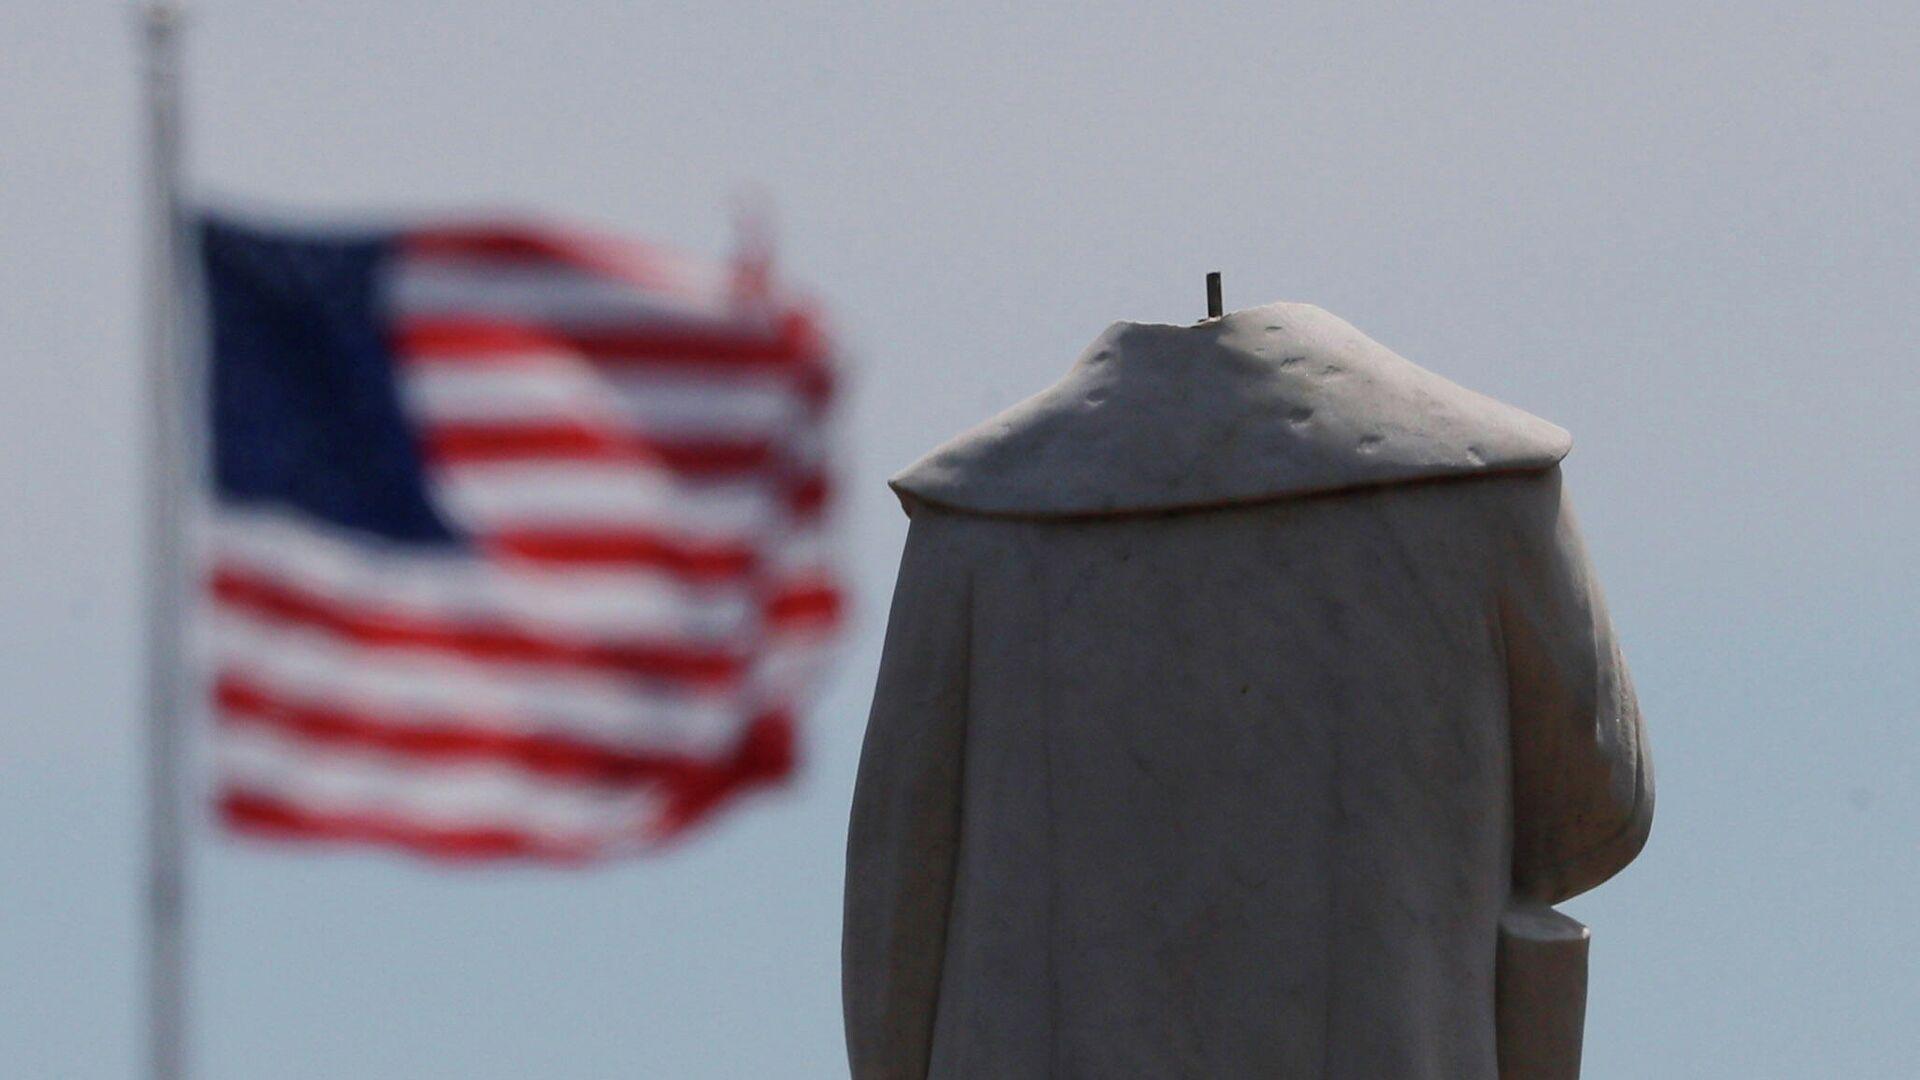 Памятник первооткрывателю Америки Христофору Колумбу в Бостоне, обезглавленный во время протестов - РИА Новости, 1920, 16.06.2020